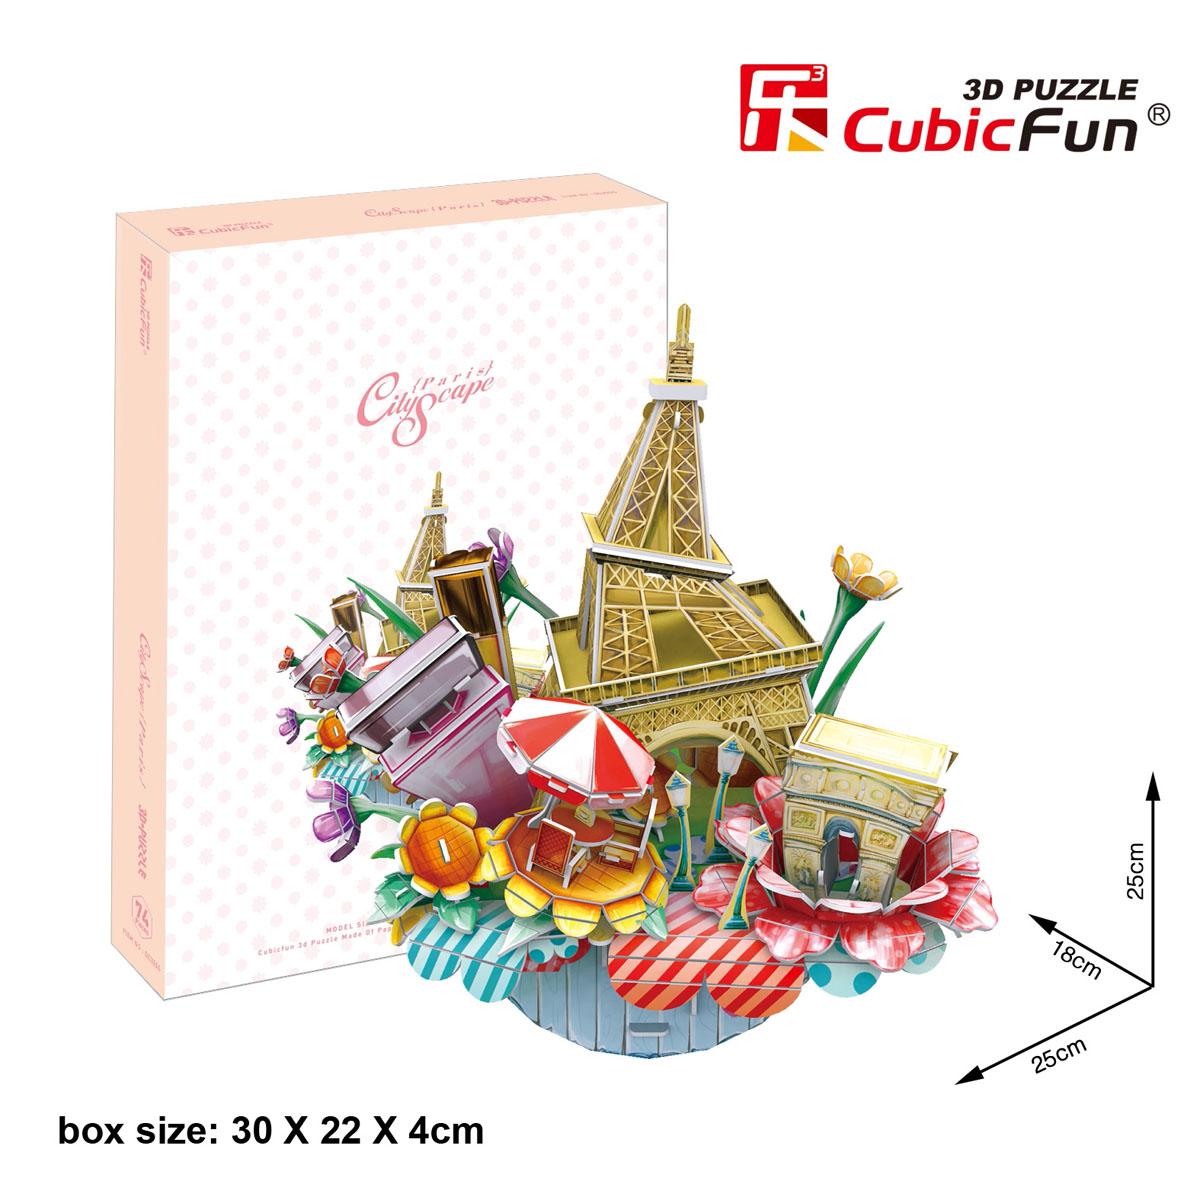 CubicFun Городской пейзаж: Париж, 74 элементаOC3204hКонструктор-макет CubicFun Городской пейзаж: Париж надолго увлечет вас и вашего малыша. Он позволит ребенку почувствовать себя настоящим архитектором и своими руками собрать необычный стилизованный пейзаж Парижа. Конструктор включает в себя 74 элемента из мягкого вспененного полимера и подробную иллюстрированную инструкцию. Все детали пронумерованы, и ребенку не составит труда соединить их. Конструктор невероятно прост в применении - вам не понадобятся ножницы или клей, все элементы легко извлекаются из рамок путем выдавливания, и соединяются благодаря вырубкам. Конструктор порадует вас высоким качеством исполнения и детализации, и подарит вашему малышу множество веселых мгновений. Готовый макет станет предметом гордости малыша, он будет великолепным украшением любого интерьера или подарком для родных и близких. Порадуйте своего малыша таким прекрасным подарком!